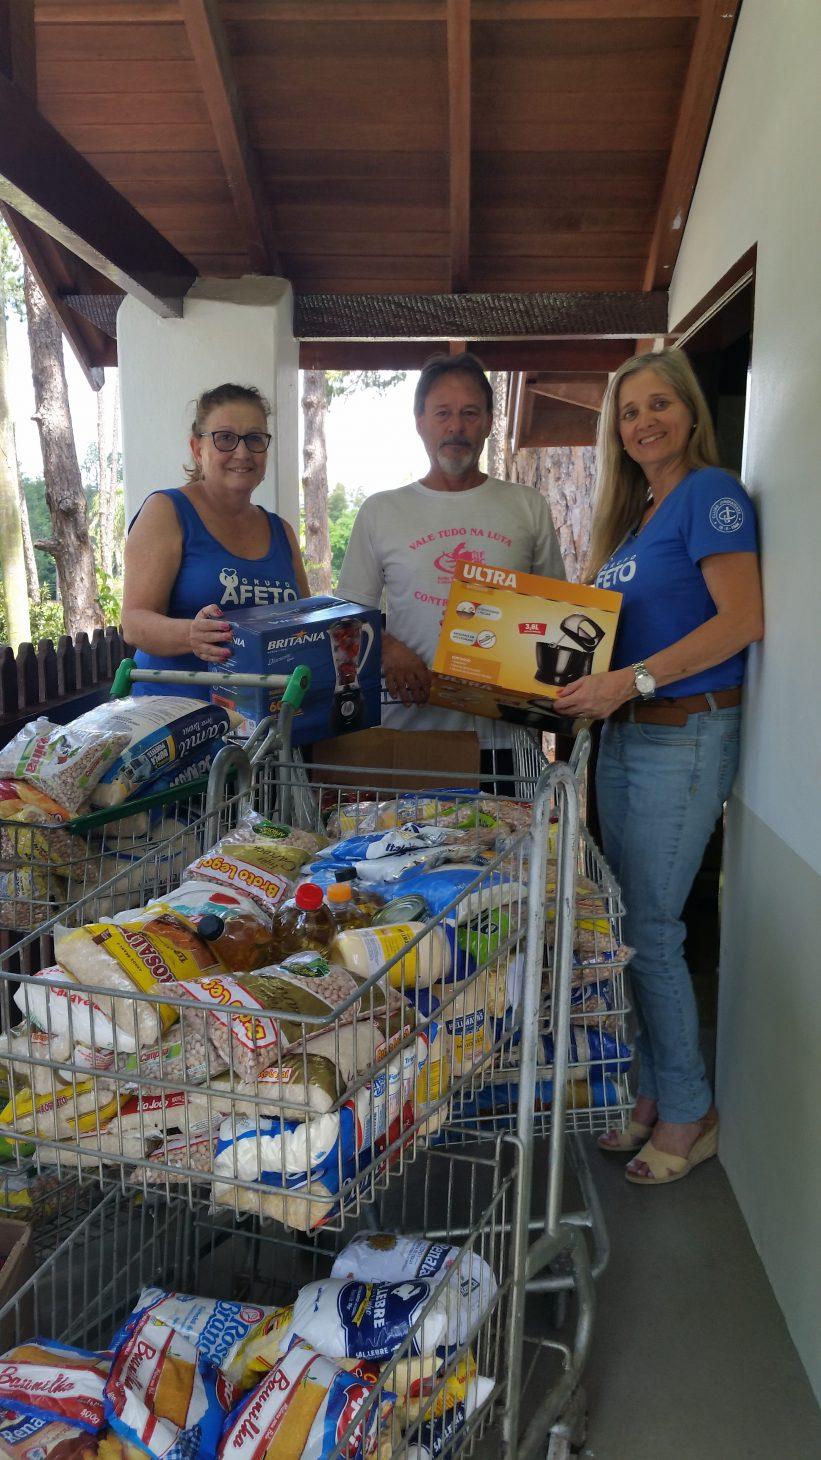 Compra e entrega de itens para tarde de prêmios da Rede Femenina de Combate ao Câncer e também entrega de alimentos doados pelo Clube para a cesta de natal dos assistidos